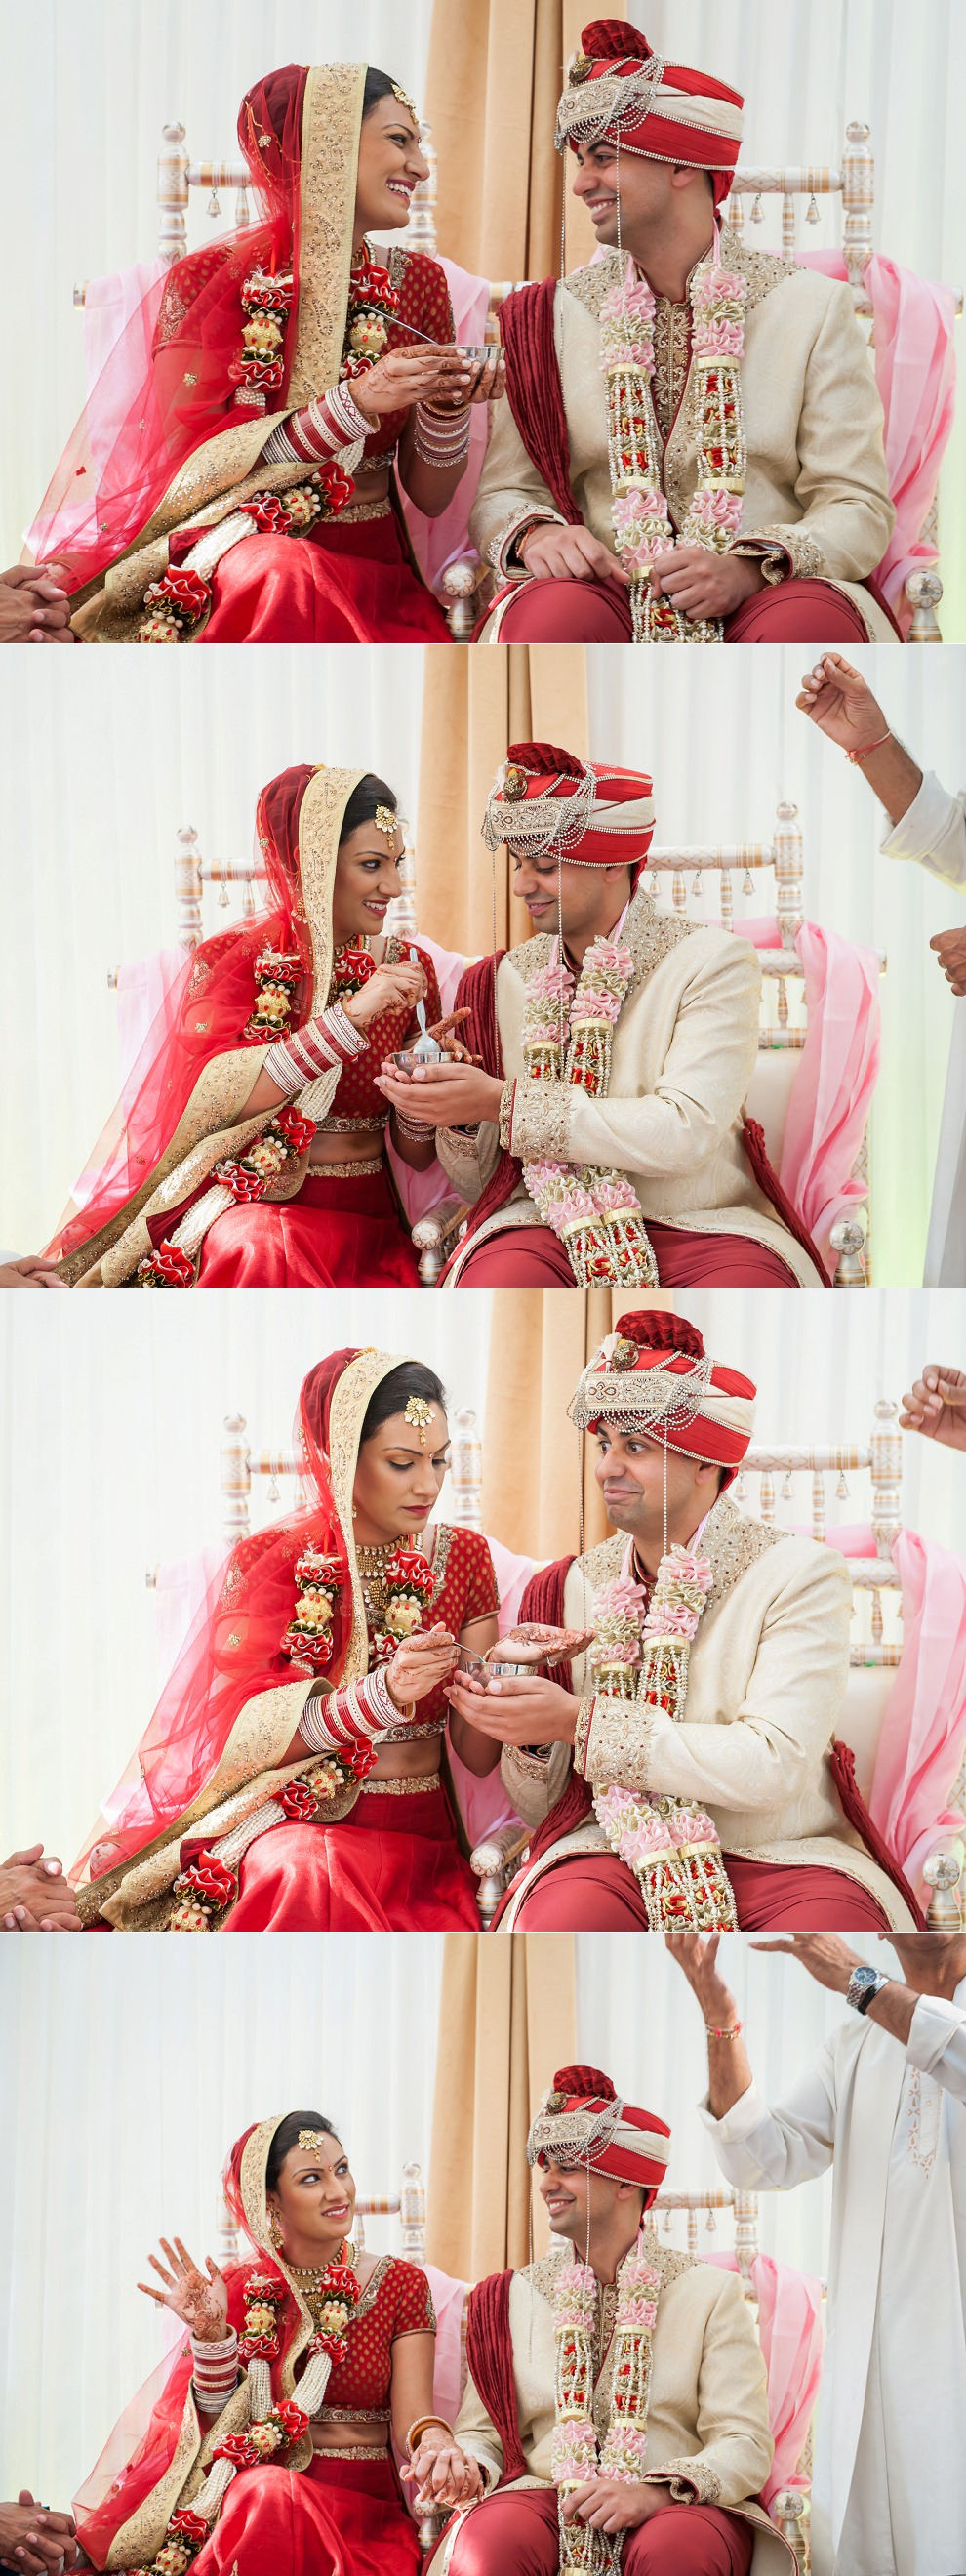 Sumeet-Zohra-Hindu-Wedding-21